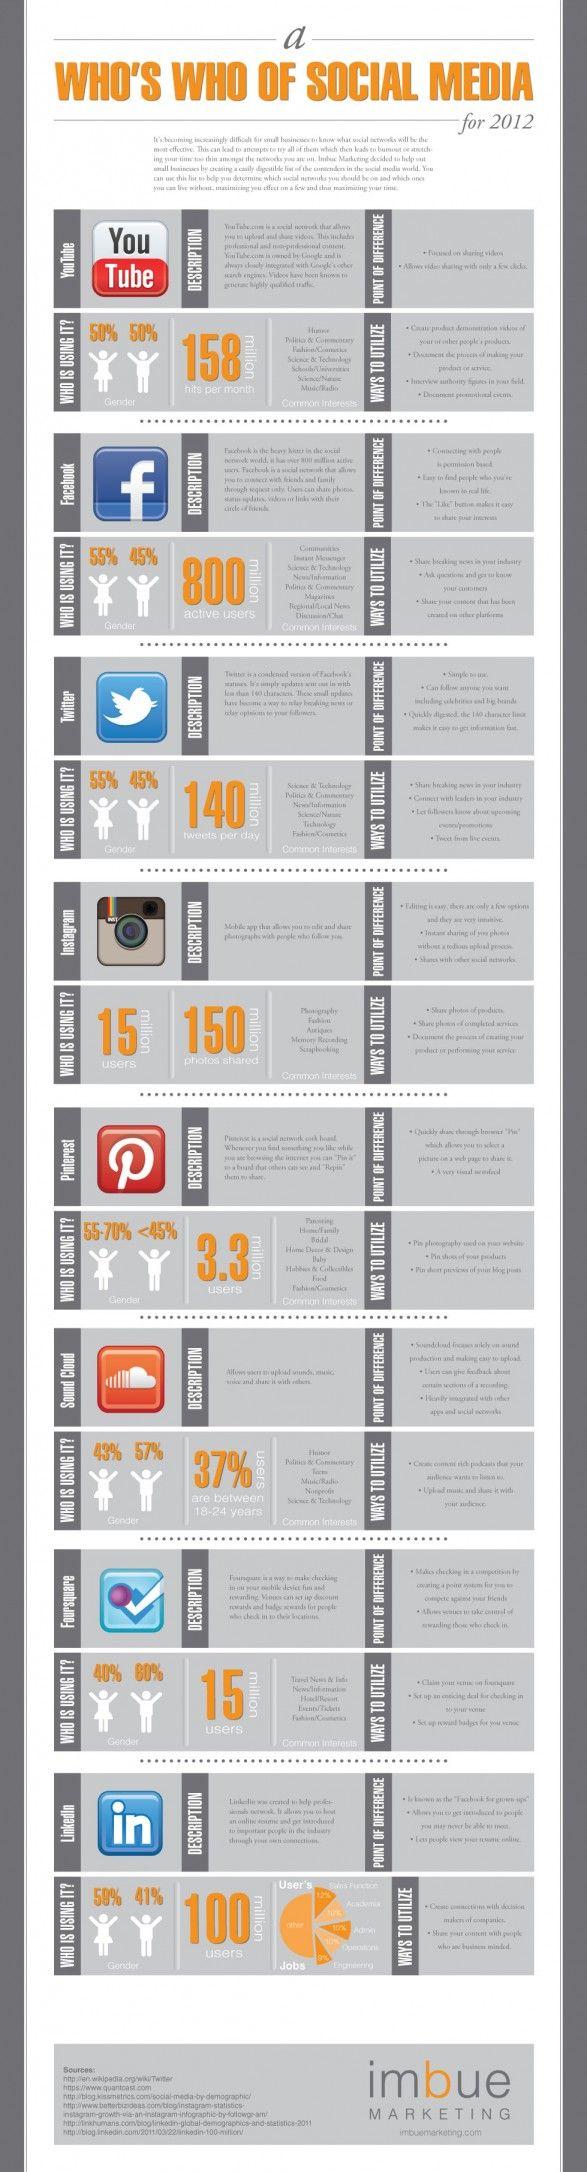 kurzübersicht social media plattformen mit nutzerzahlen und geschlechter aufteilung